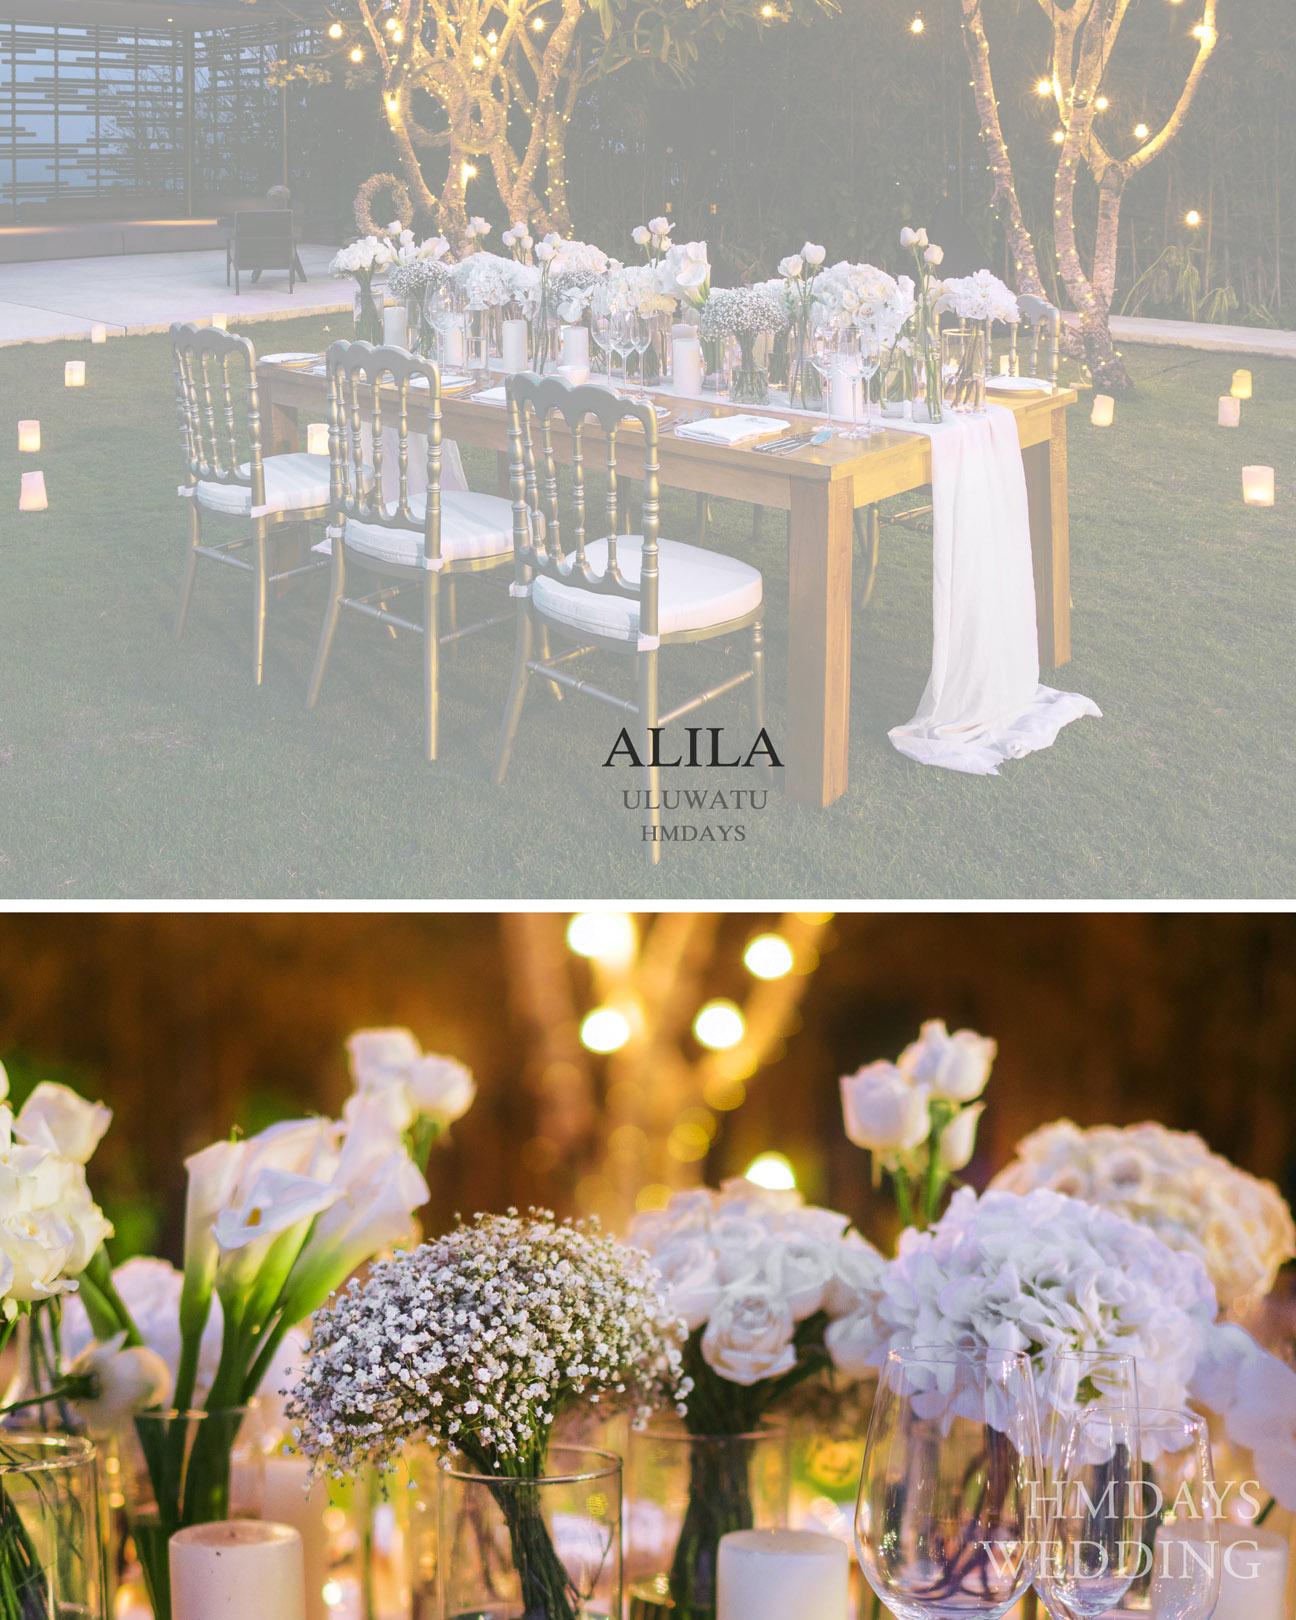 巴厘岛阿丽拉婚礼晚宴ALILA婚礼晚宴布置 海外婚礼晚宴 海外婚礼定制中高端布置案例 巴厘岛婚礼布置定制案例